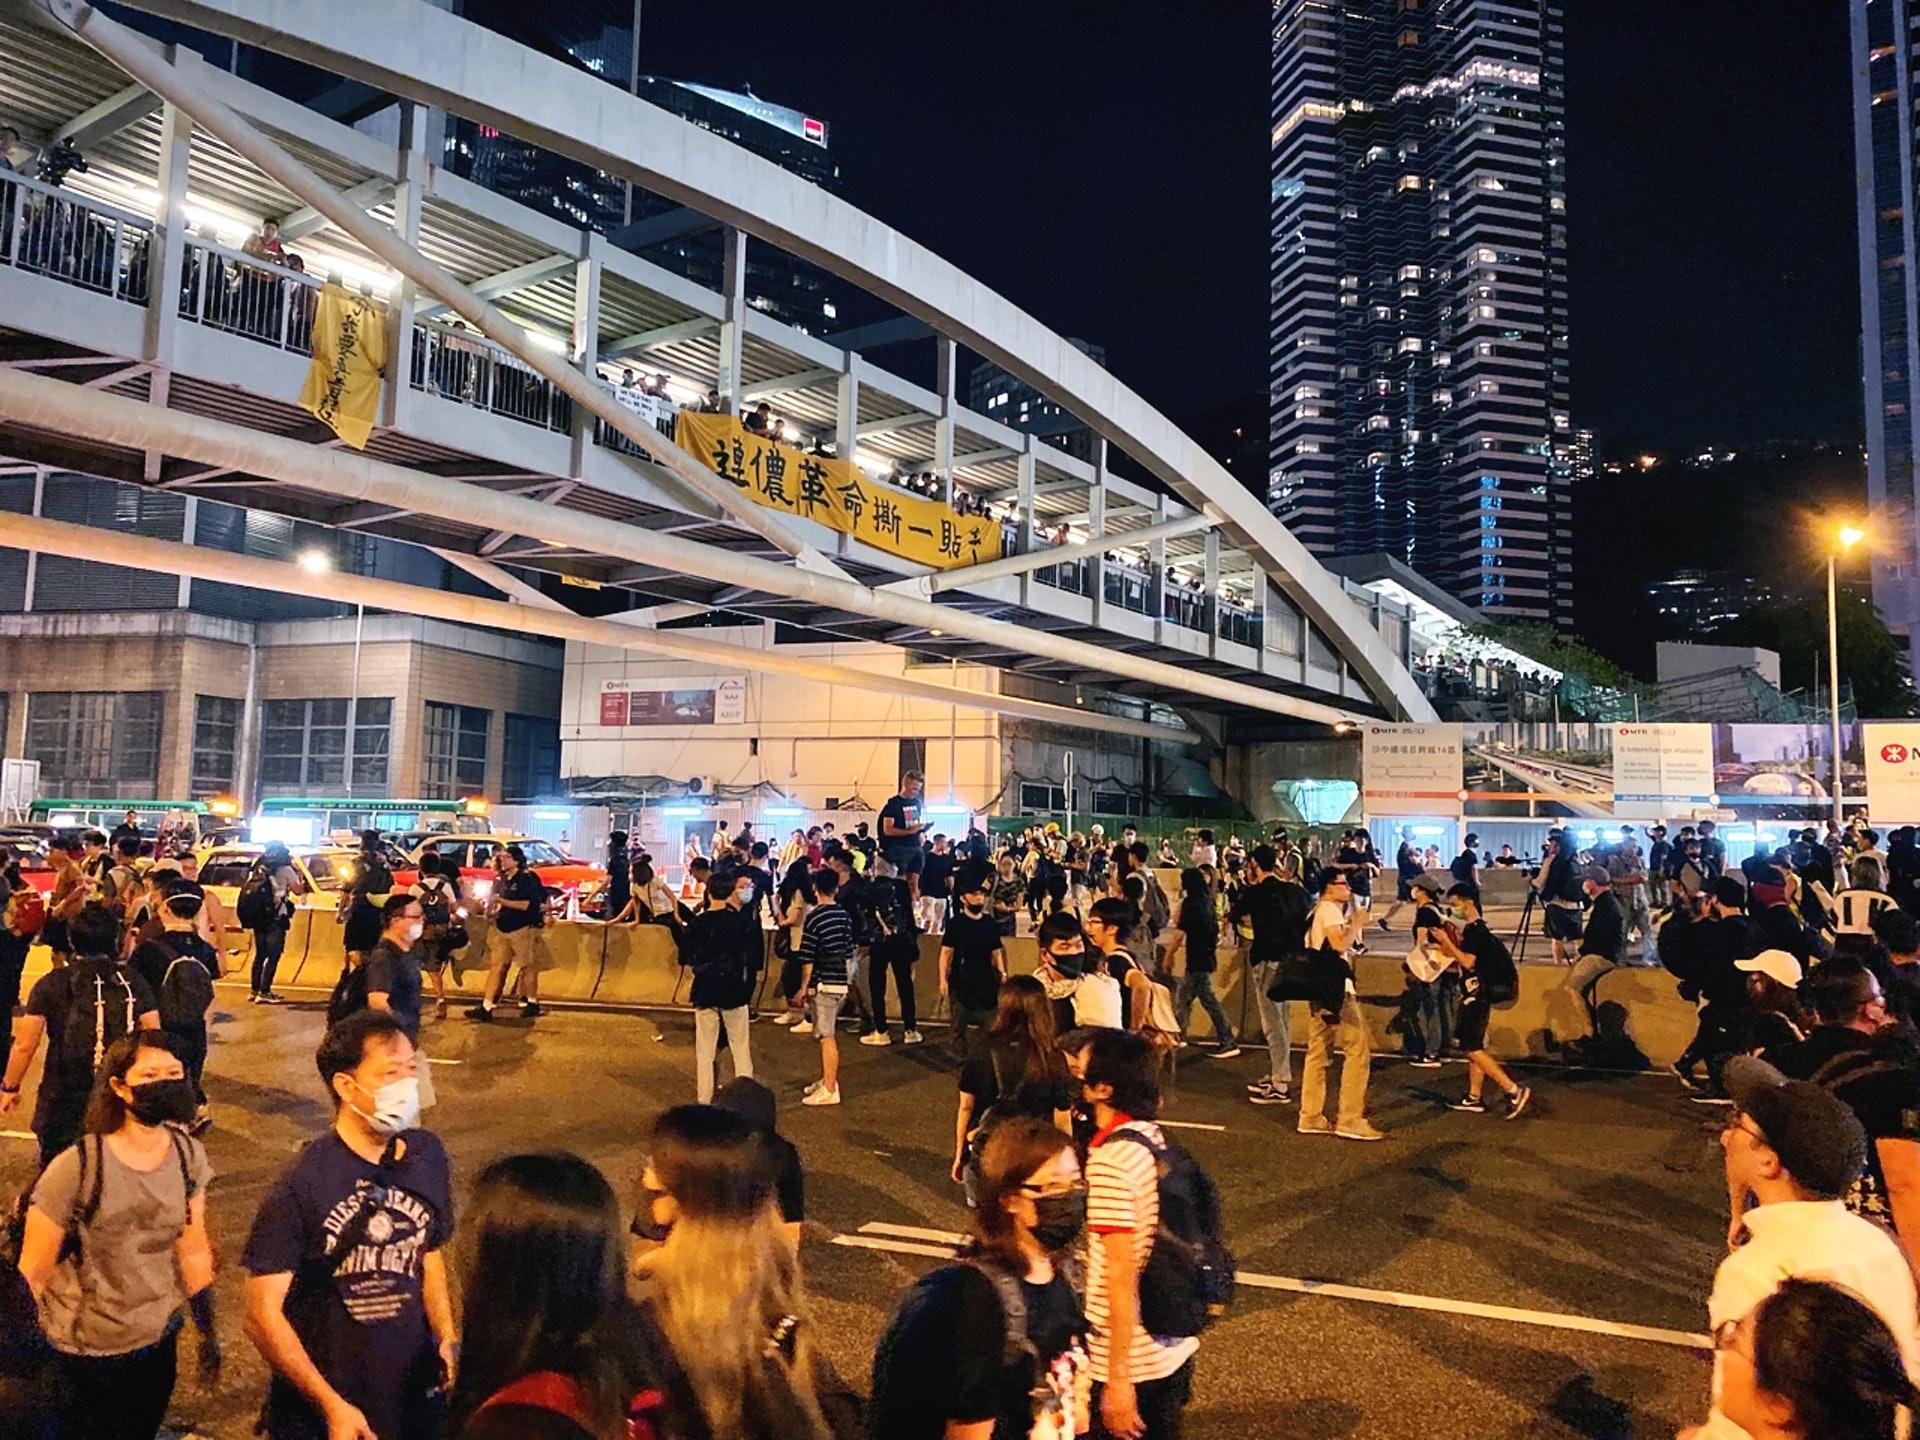 示威者繼續走出馬路,並佔領金鐘多條街道。(李智智攝)